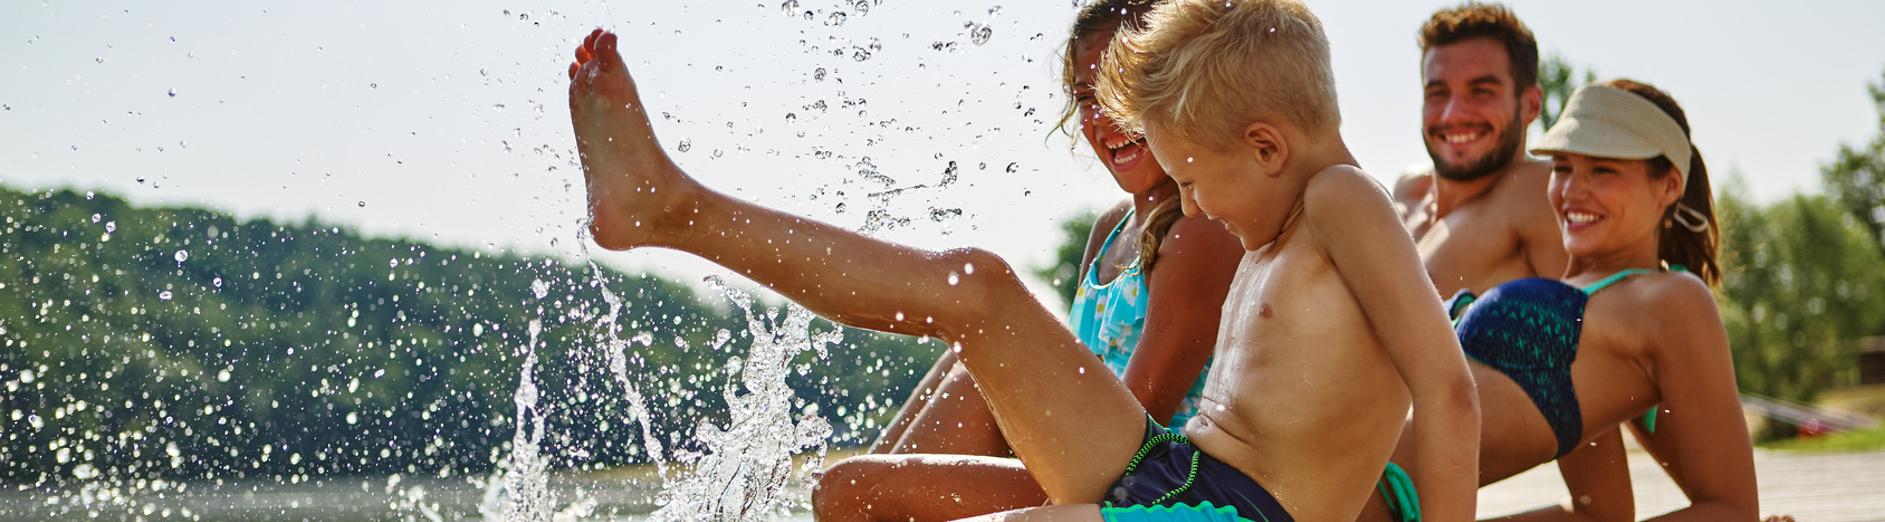 Familie am See badet glücklich mit Füßen im Wasser im Sommer